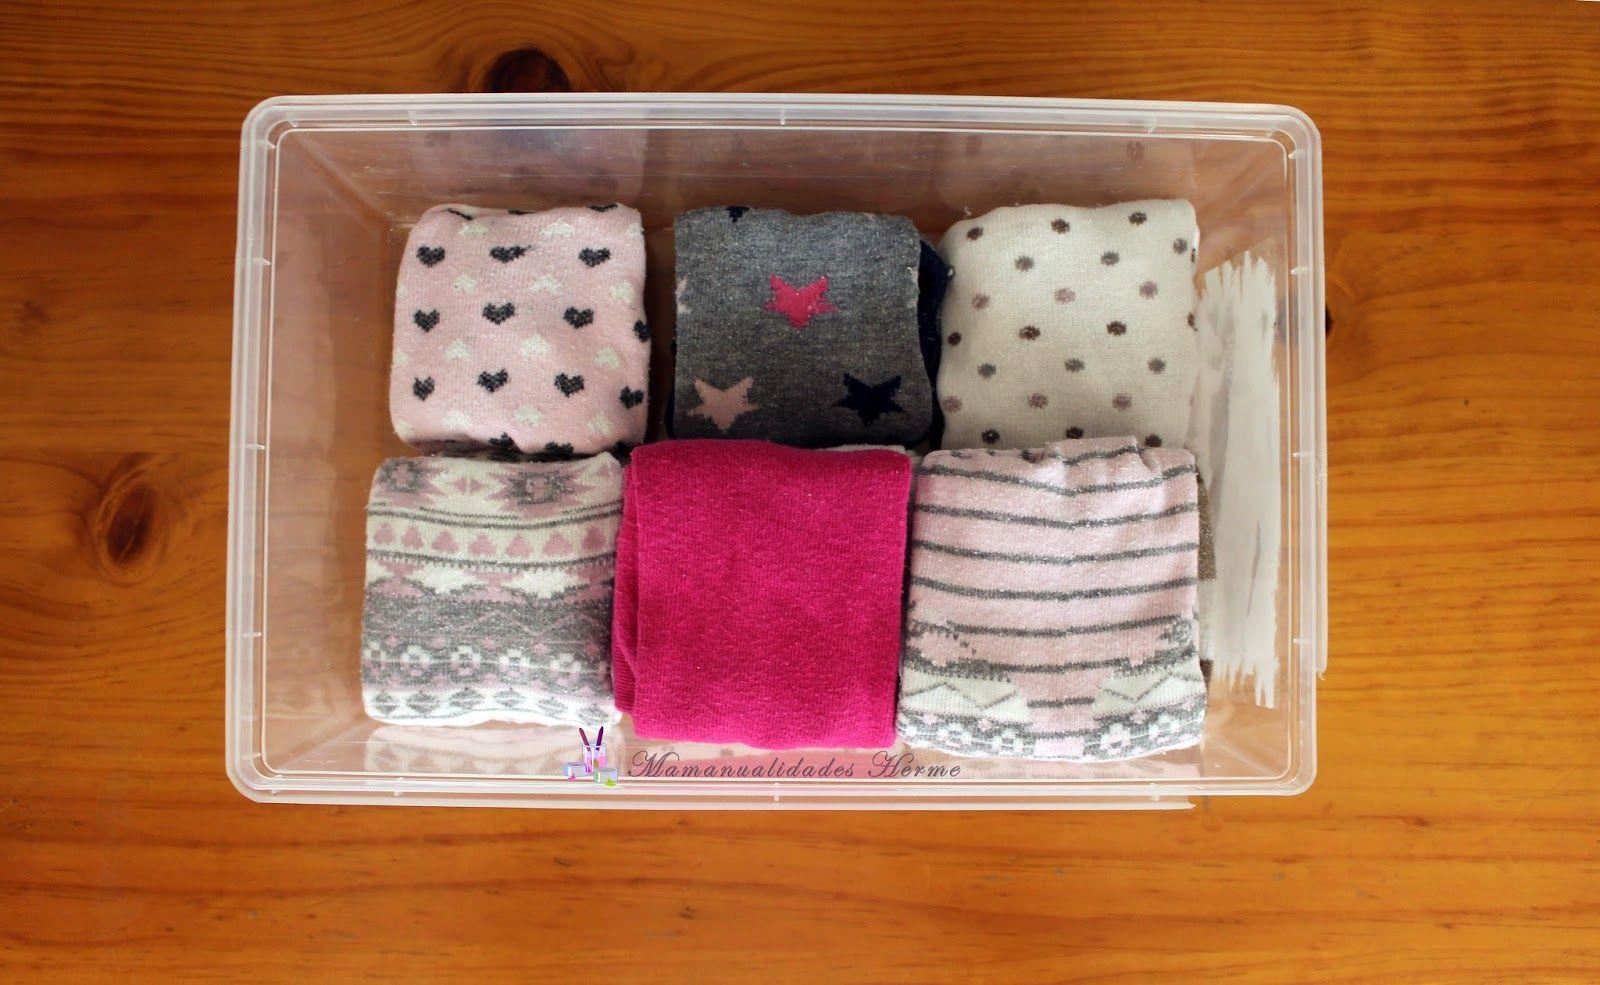 Cómo Doblar Calcetines Para Que Ocupen Menos Muy Facil Manualidades Organización De Ropa Calcetines